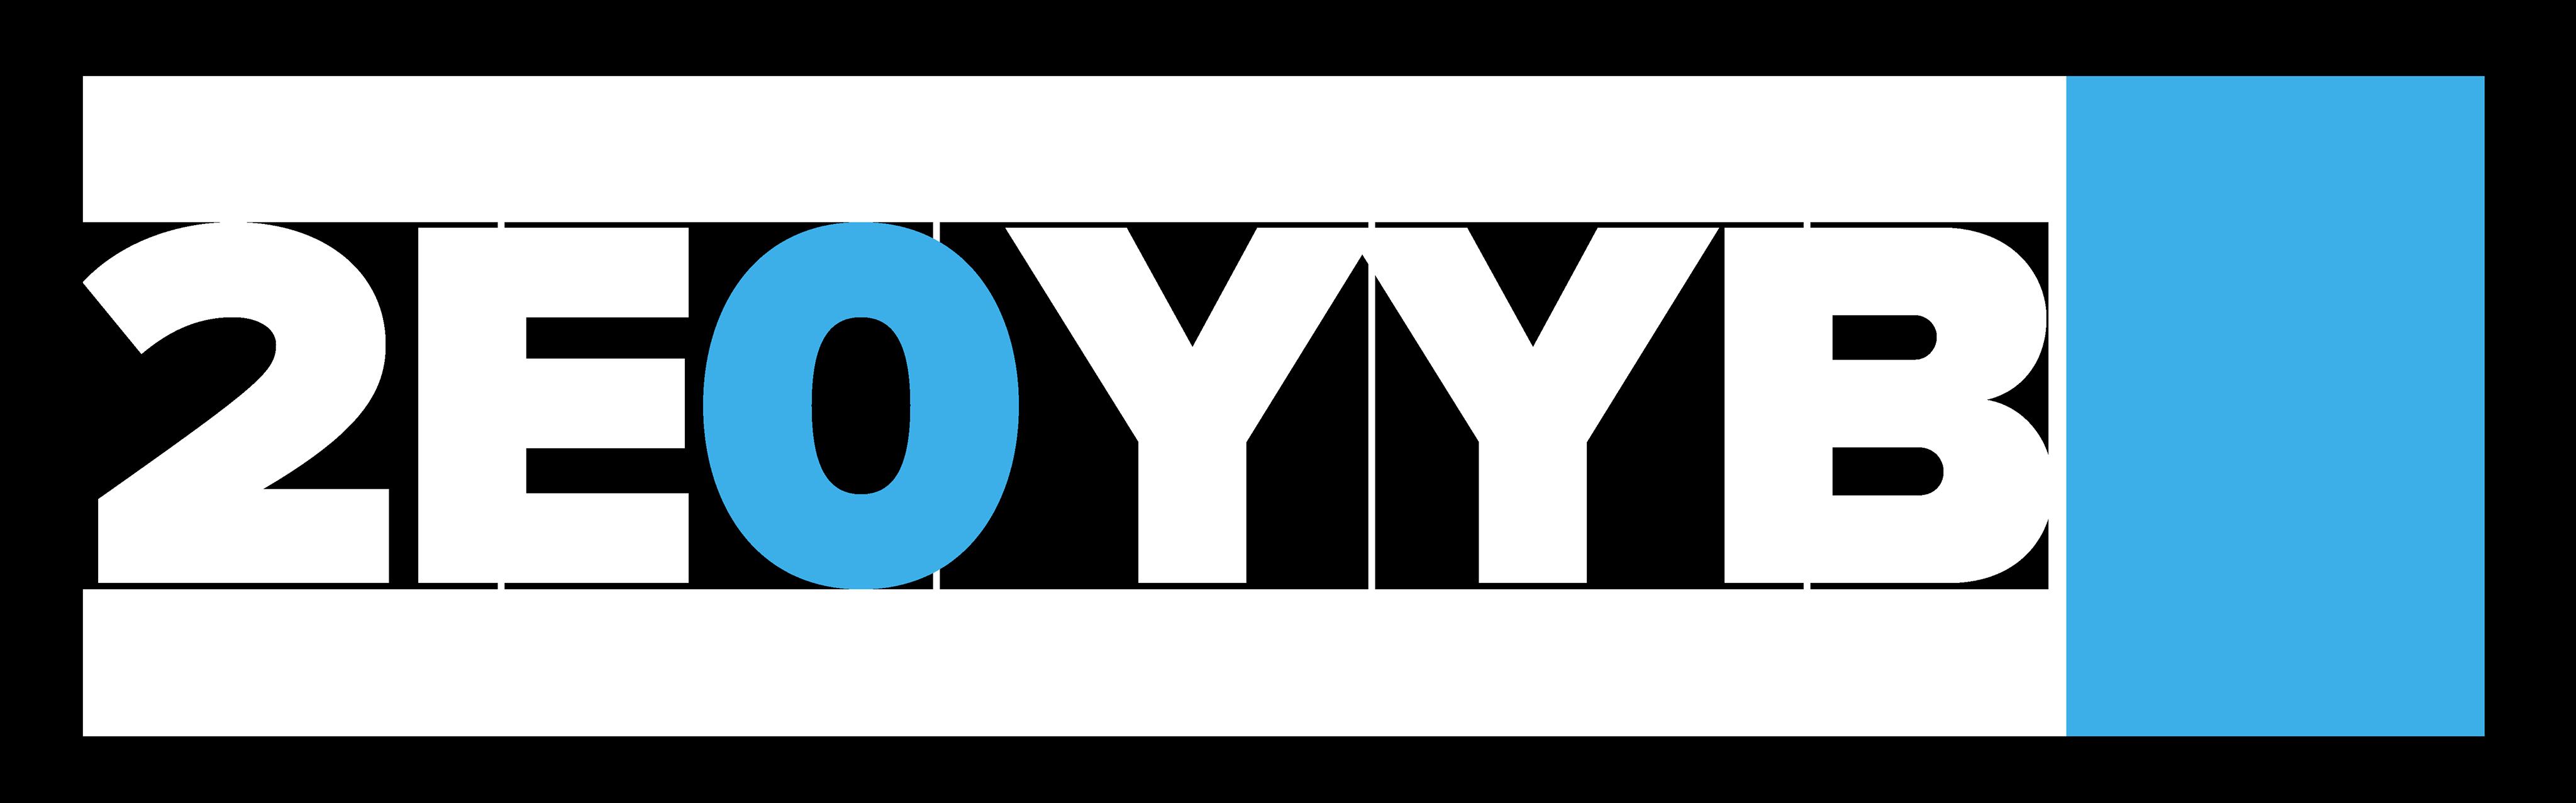 2E0YYB